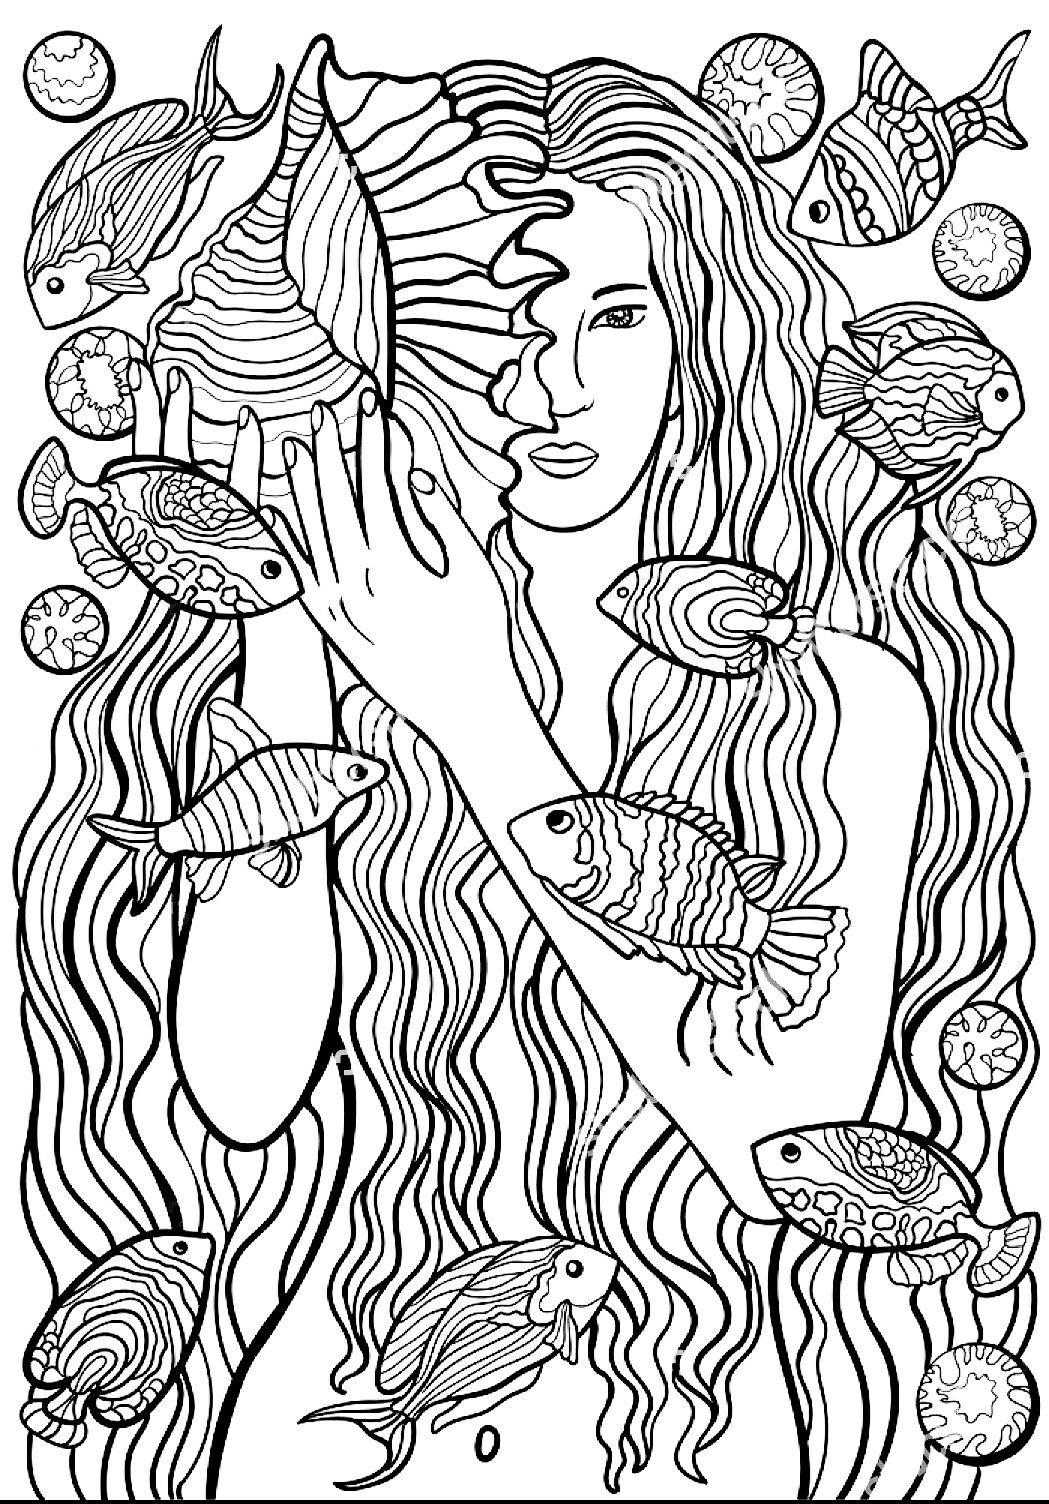 Ausmalbilder Für Erwachsene Meerjungfrau : Pin Von Elisabeth Quisenberry Auf Sirens Of The Sea Pinterest